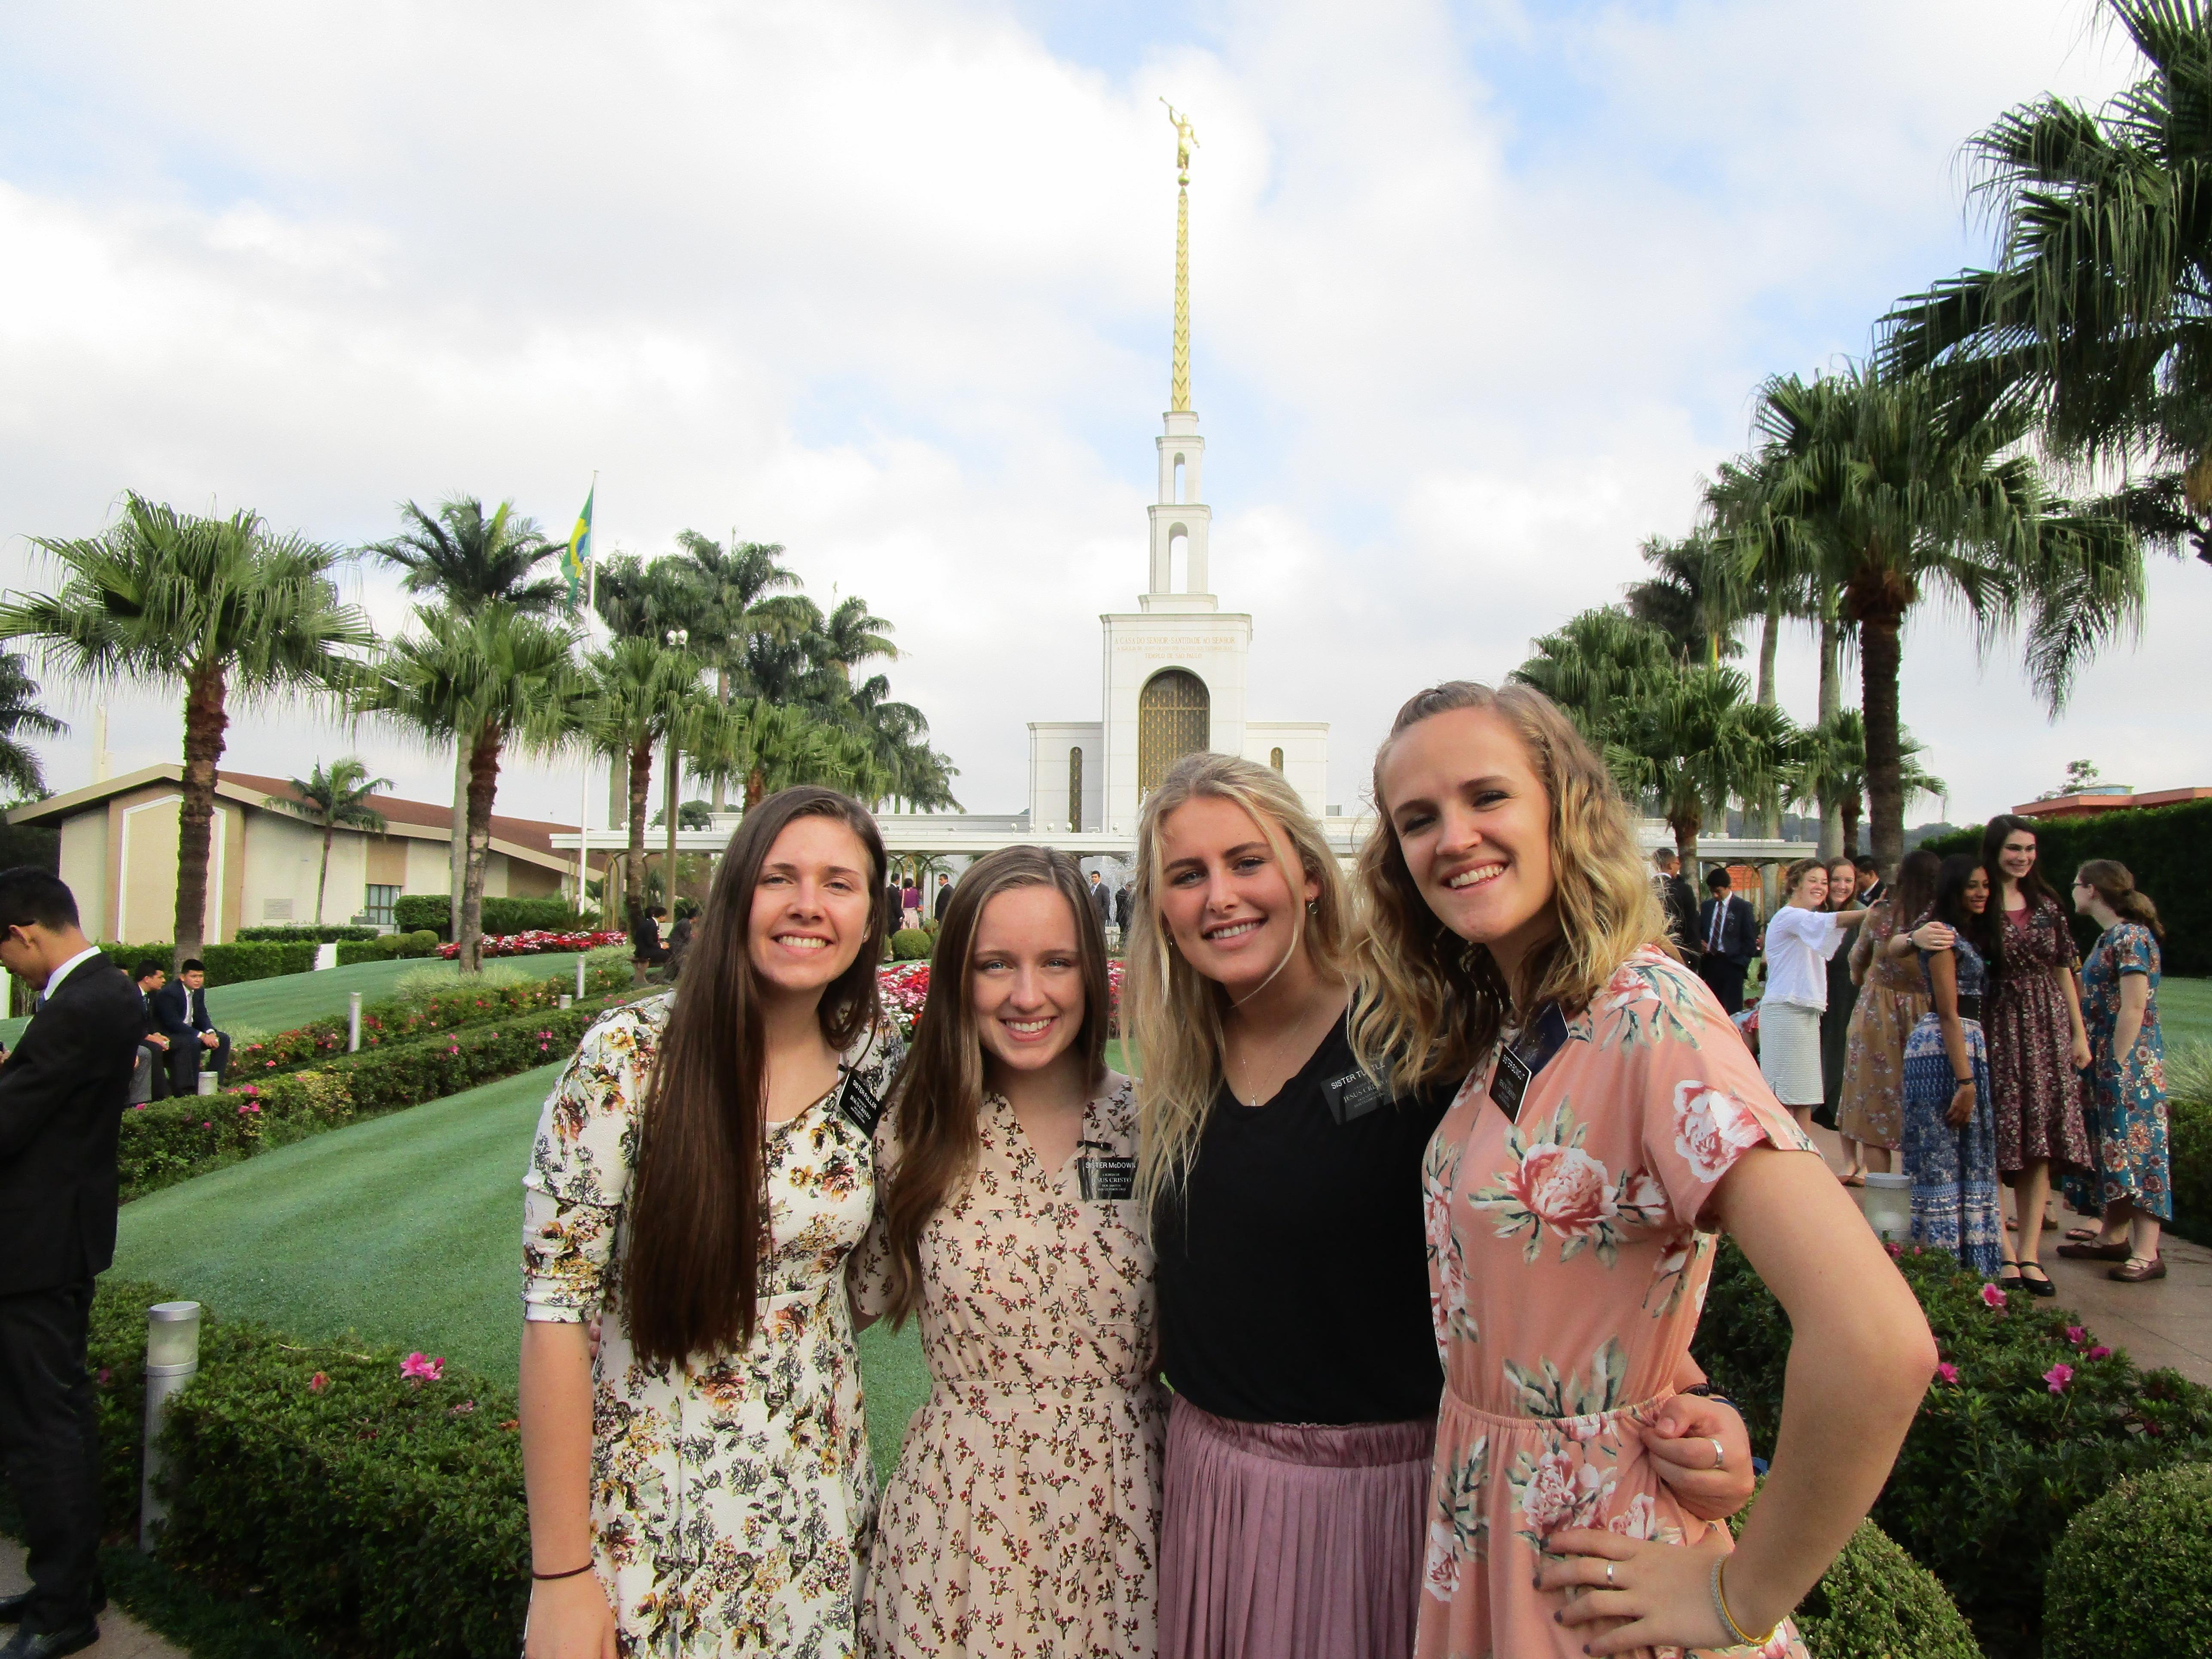 Monique McDown com sísteres missionárias do lado de fora do Templo de São Paulo.